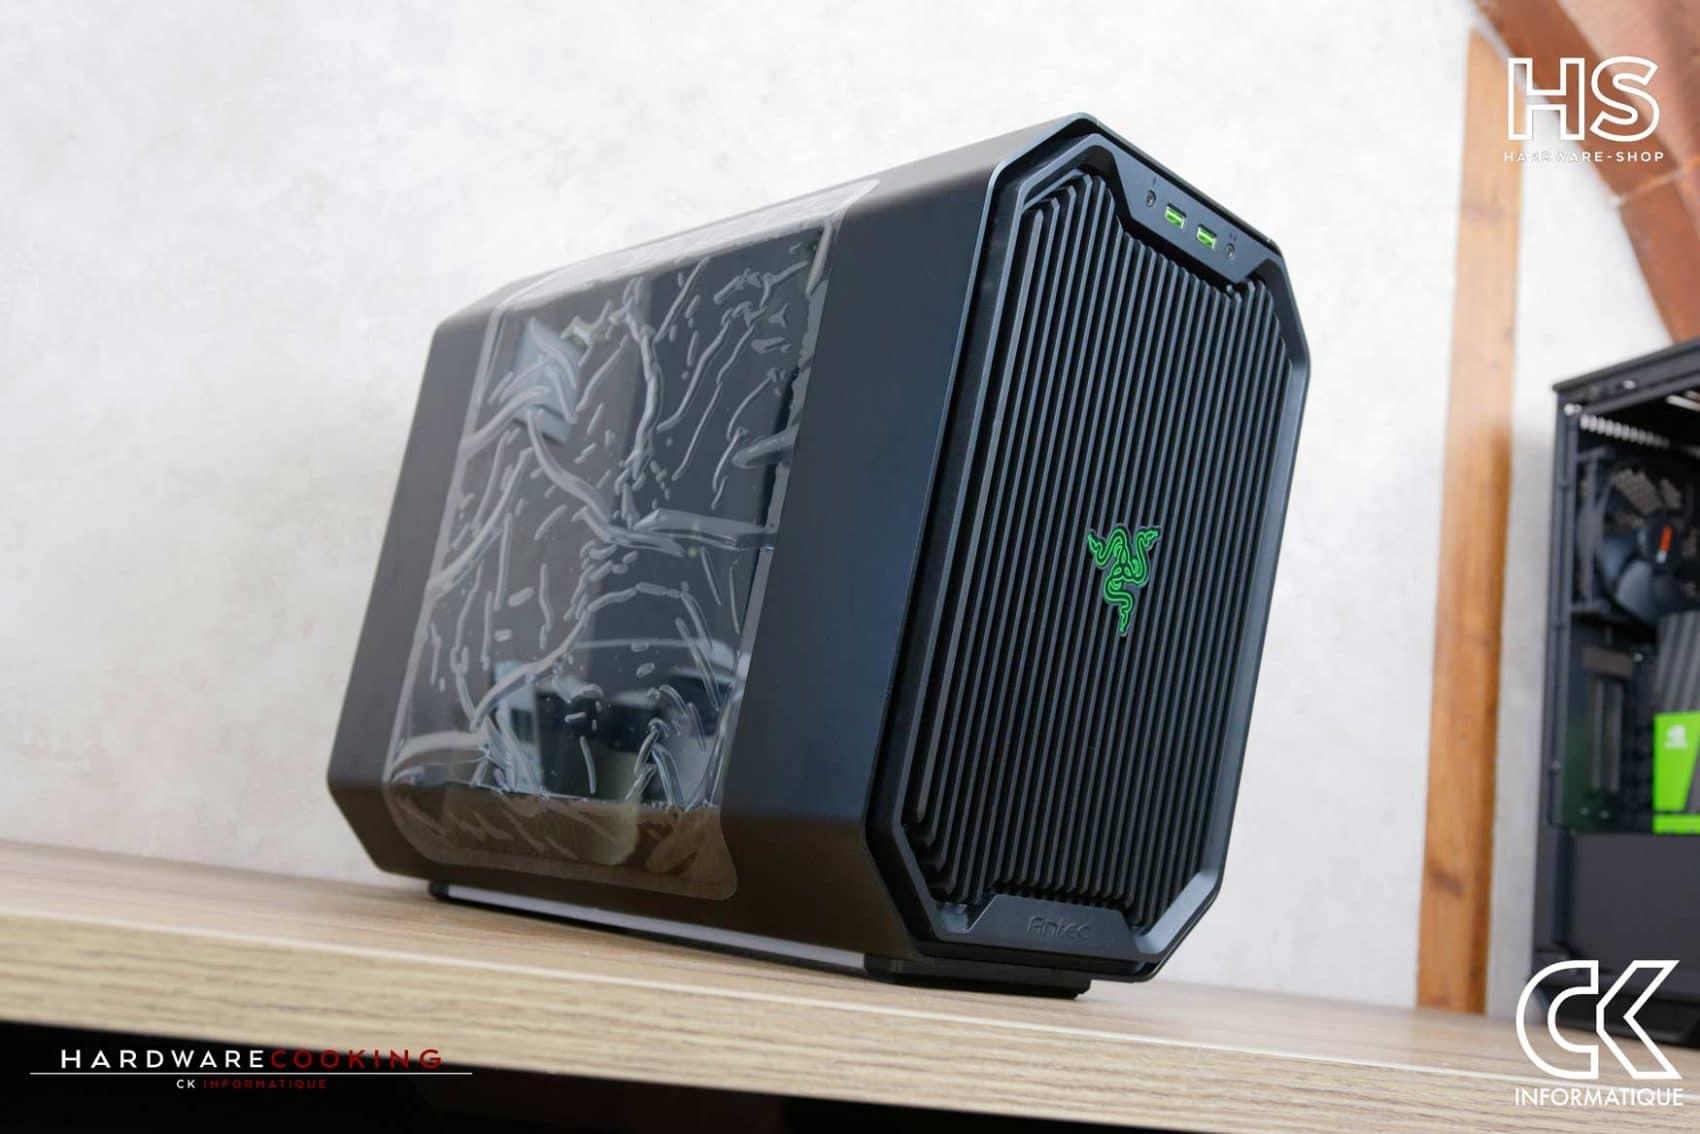 Build client Boîtier Antec Cube Razer watercooling custom par hardware-shop